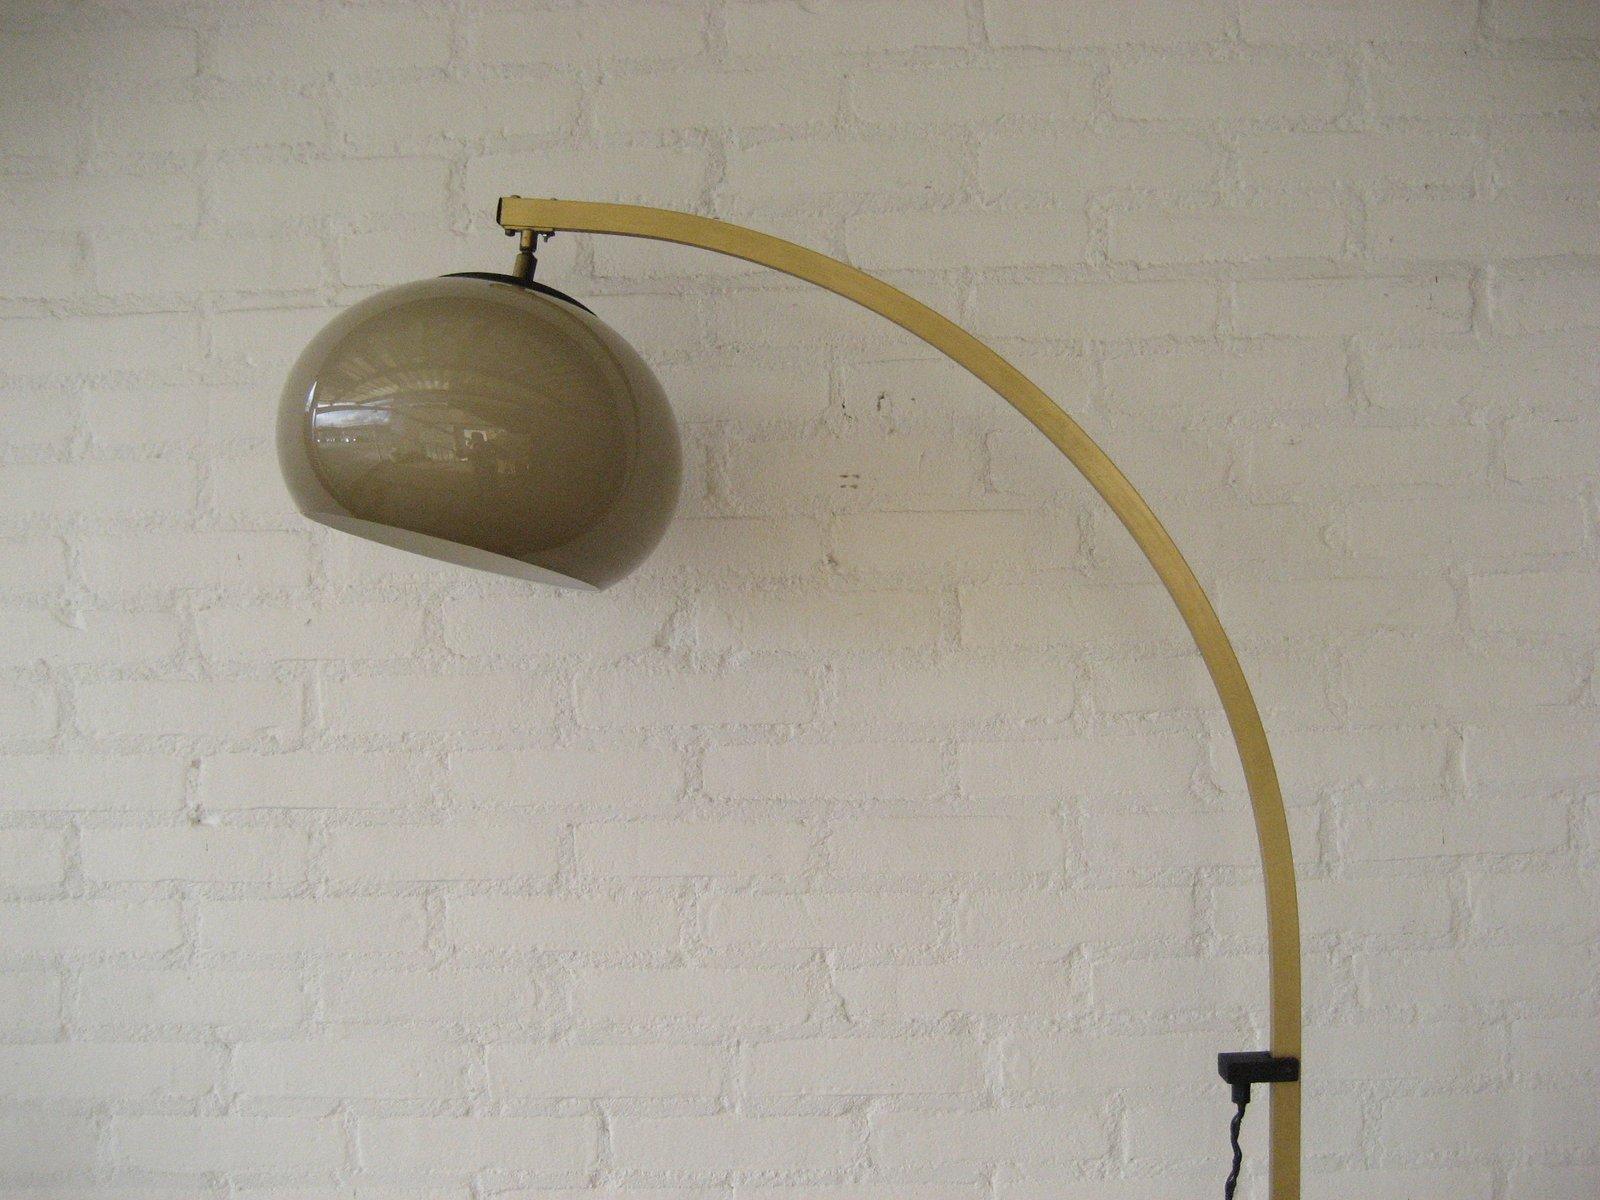 lampadaire arc vintage france 1970s 3 5 Luxe Lampadaire En Arc Kdh6